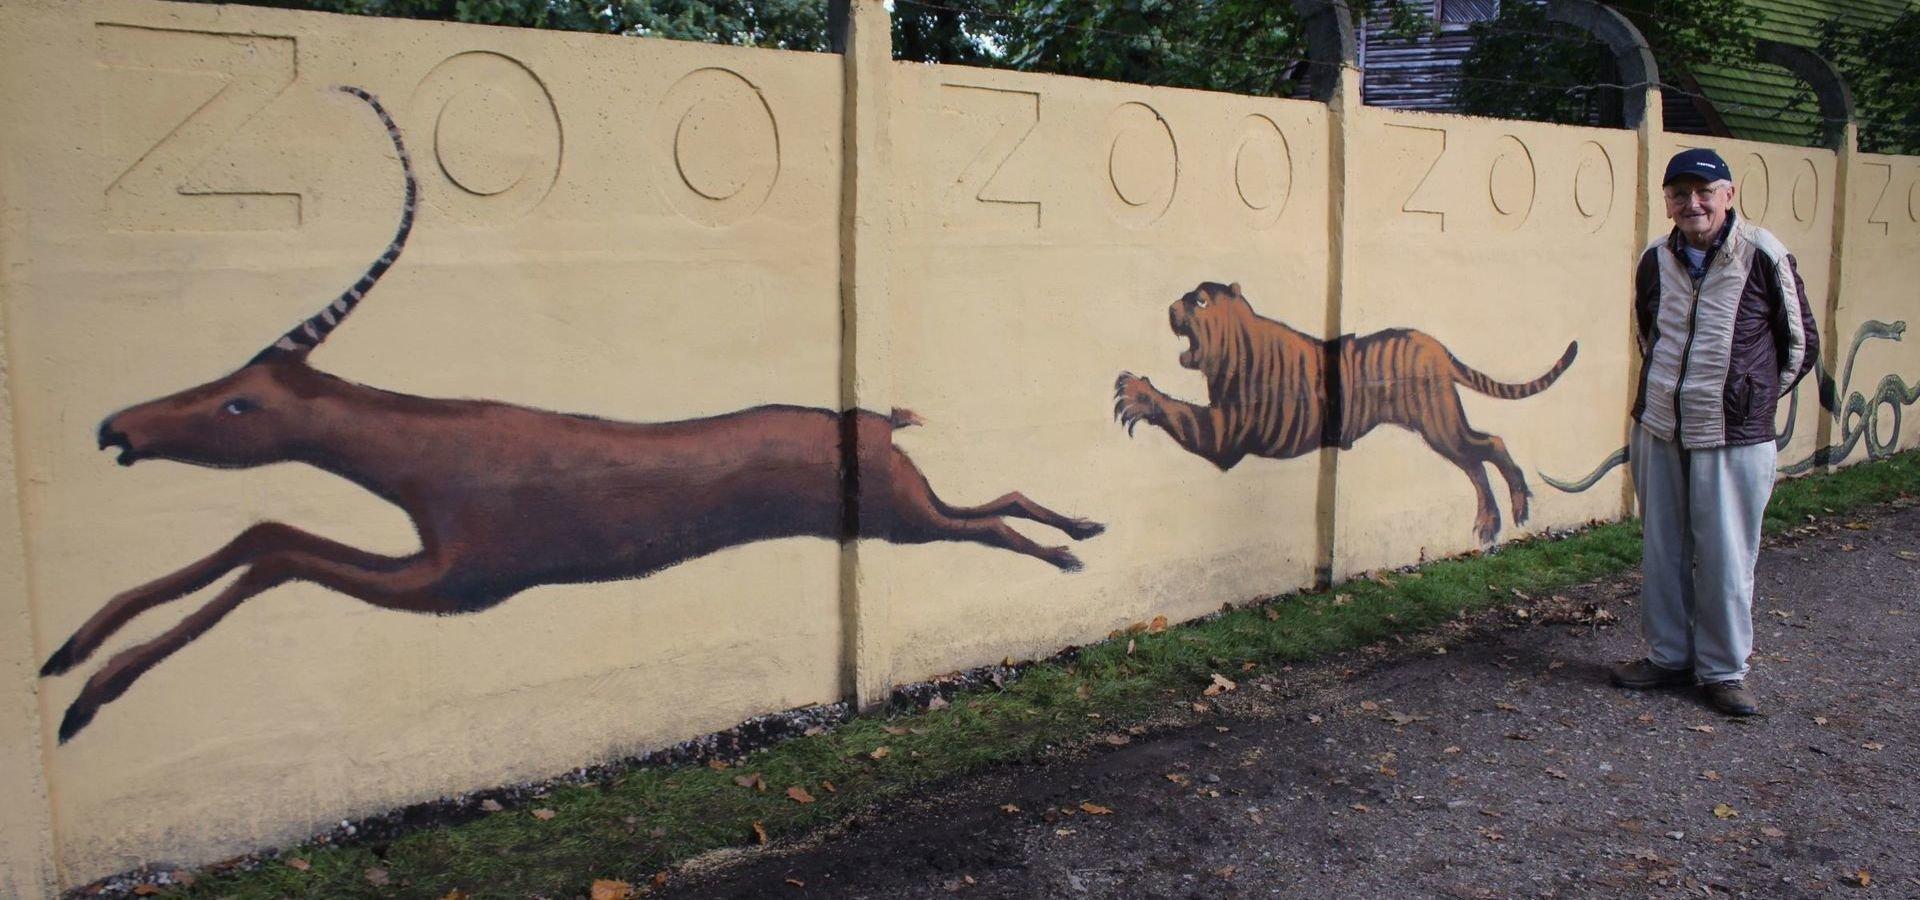 Mur(al) łączący pokolenia. Uroczyste odsłonięcie odrestaurowanego  malunku na murze wrocławskiego zoo